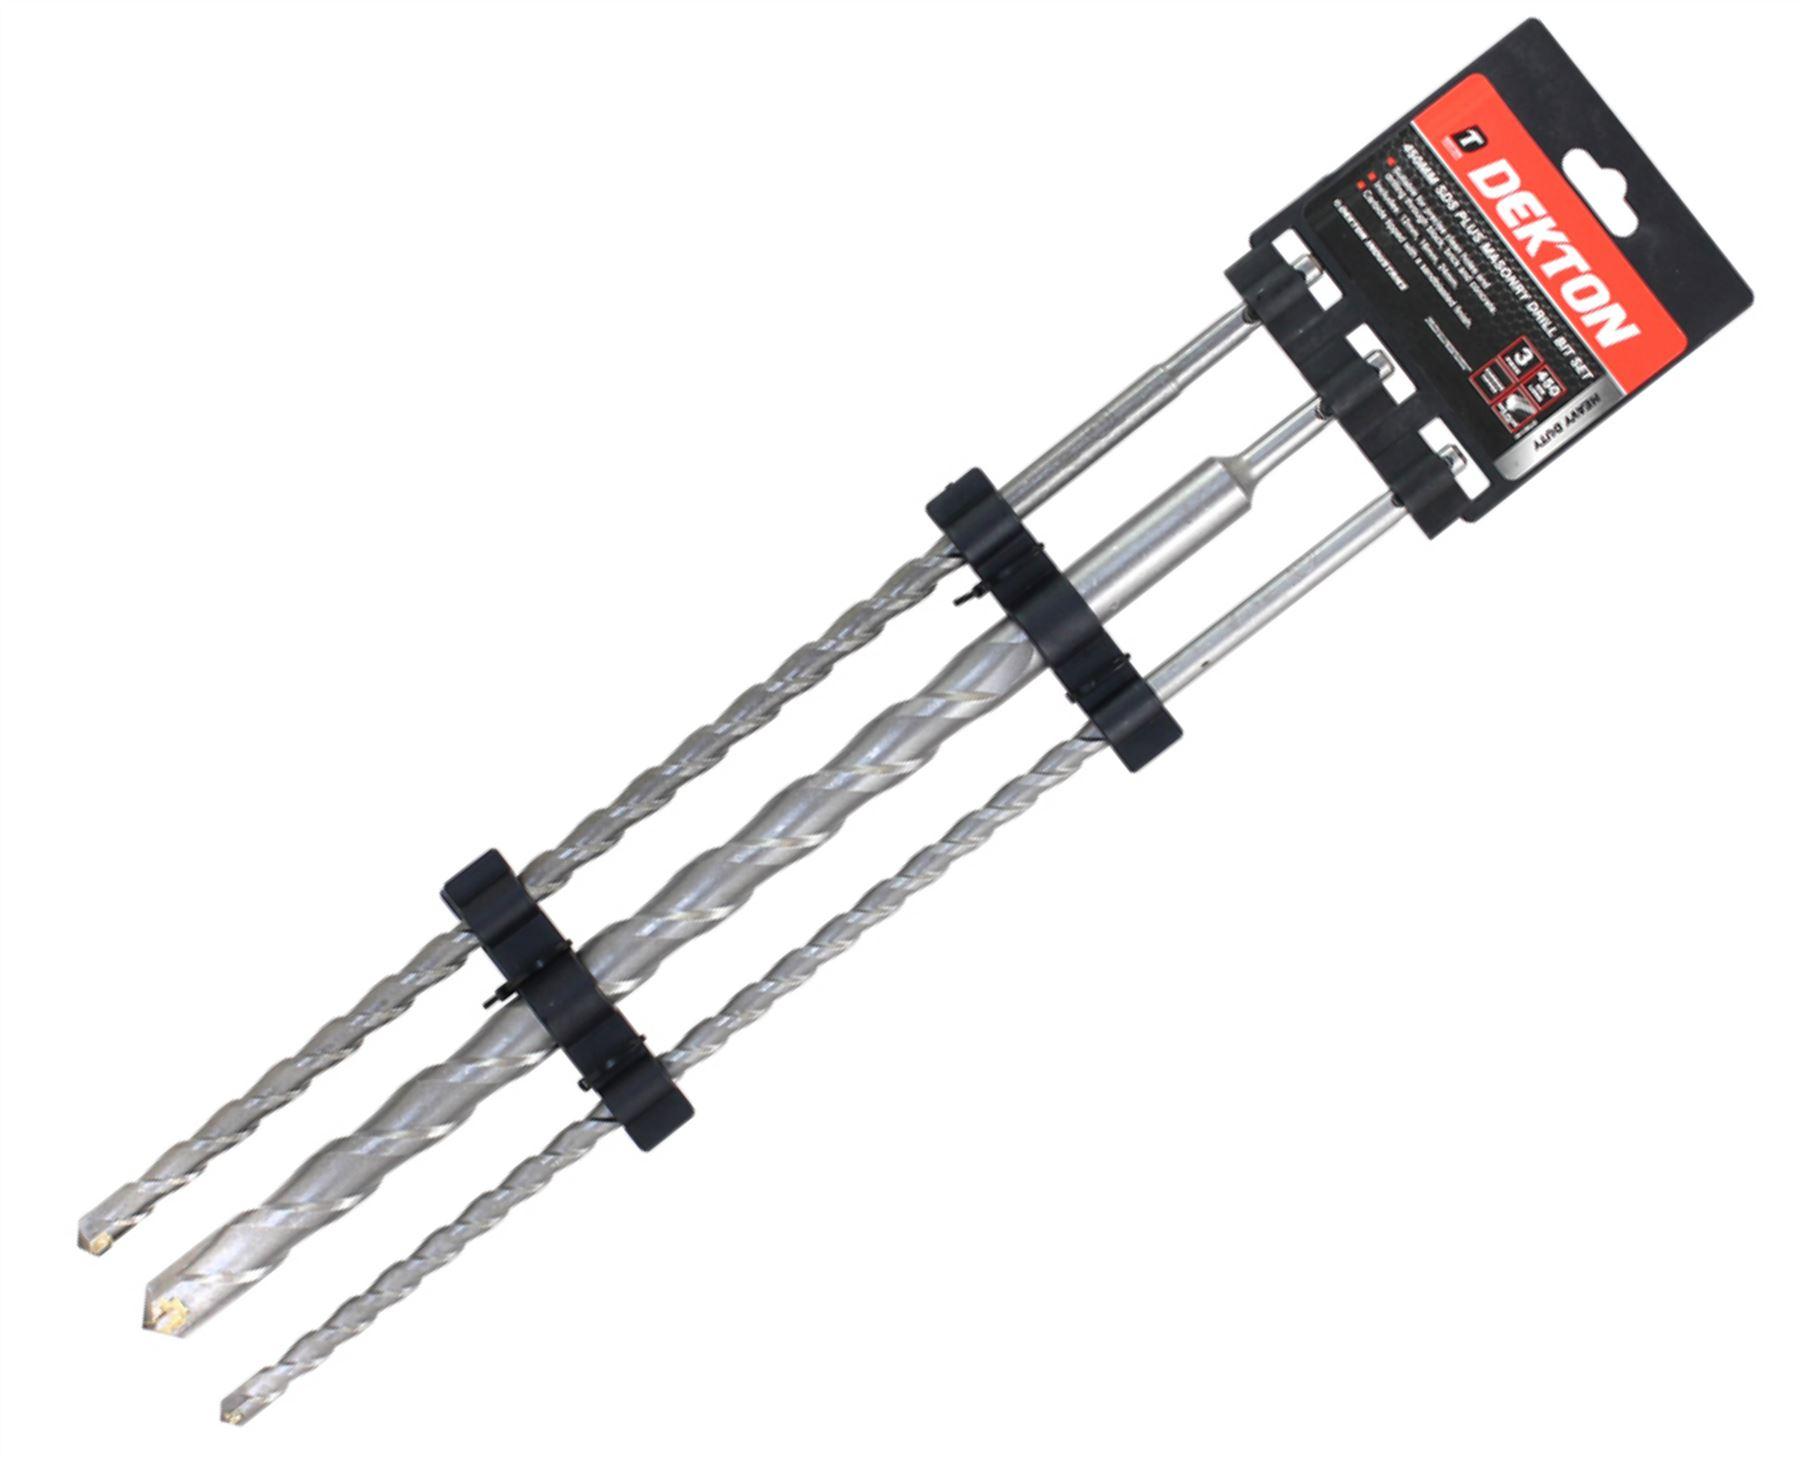 Dekton 3 Sds Plus Hammer Drill Bits 12mm 16mm Amp 24mm X